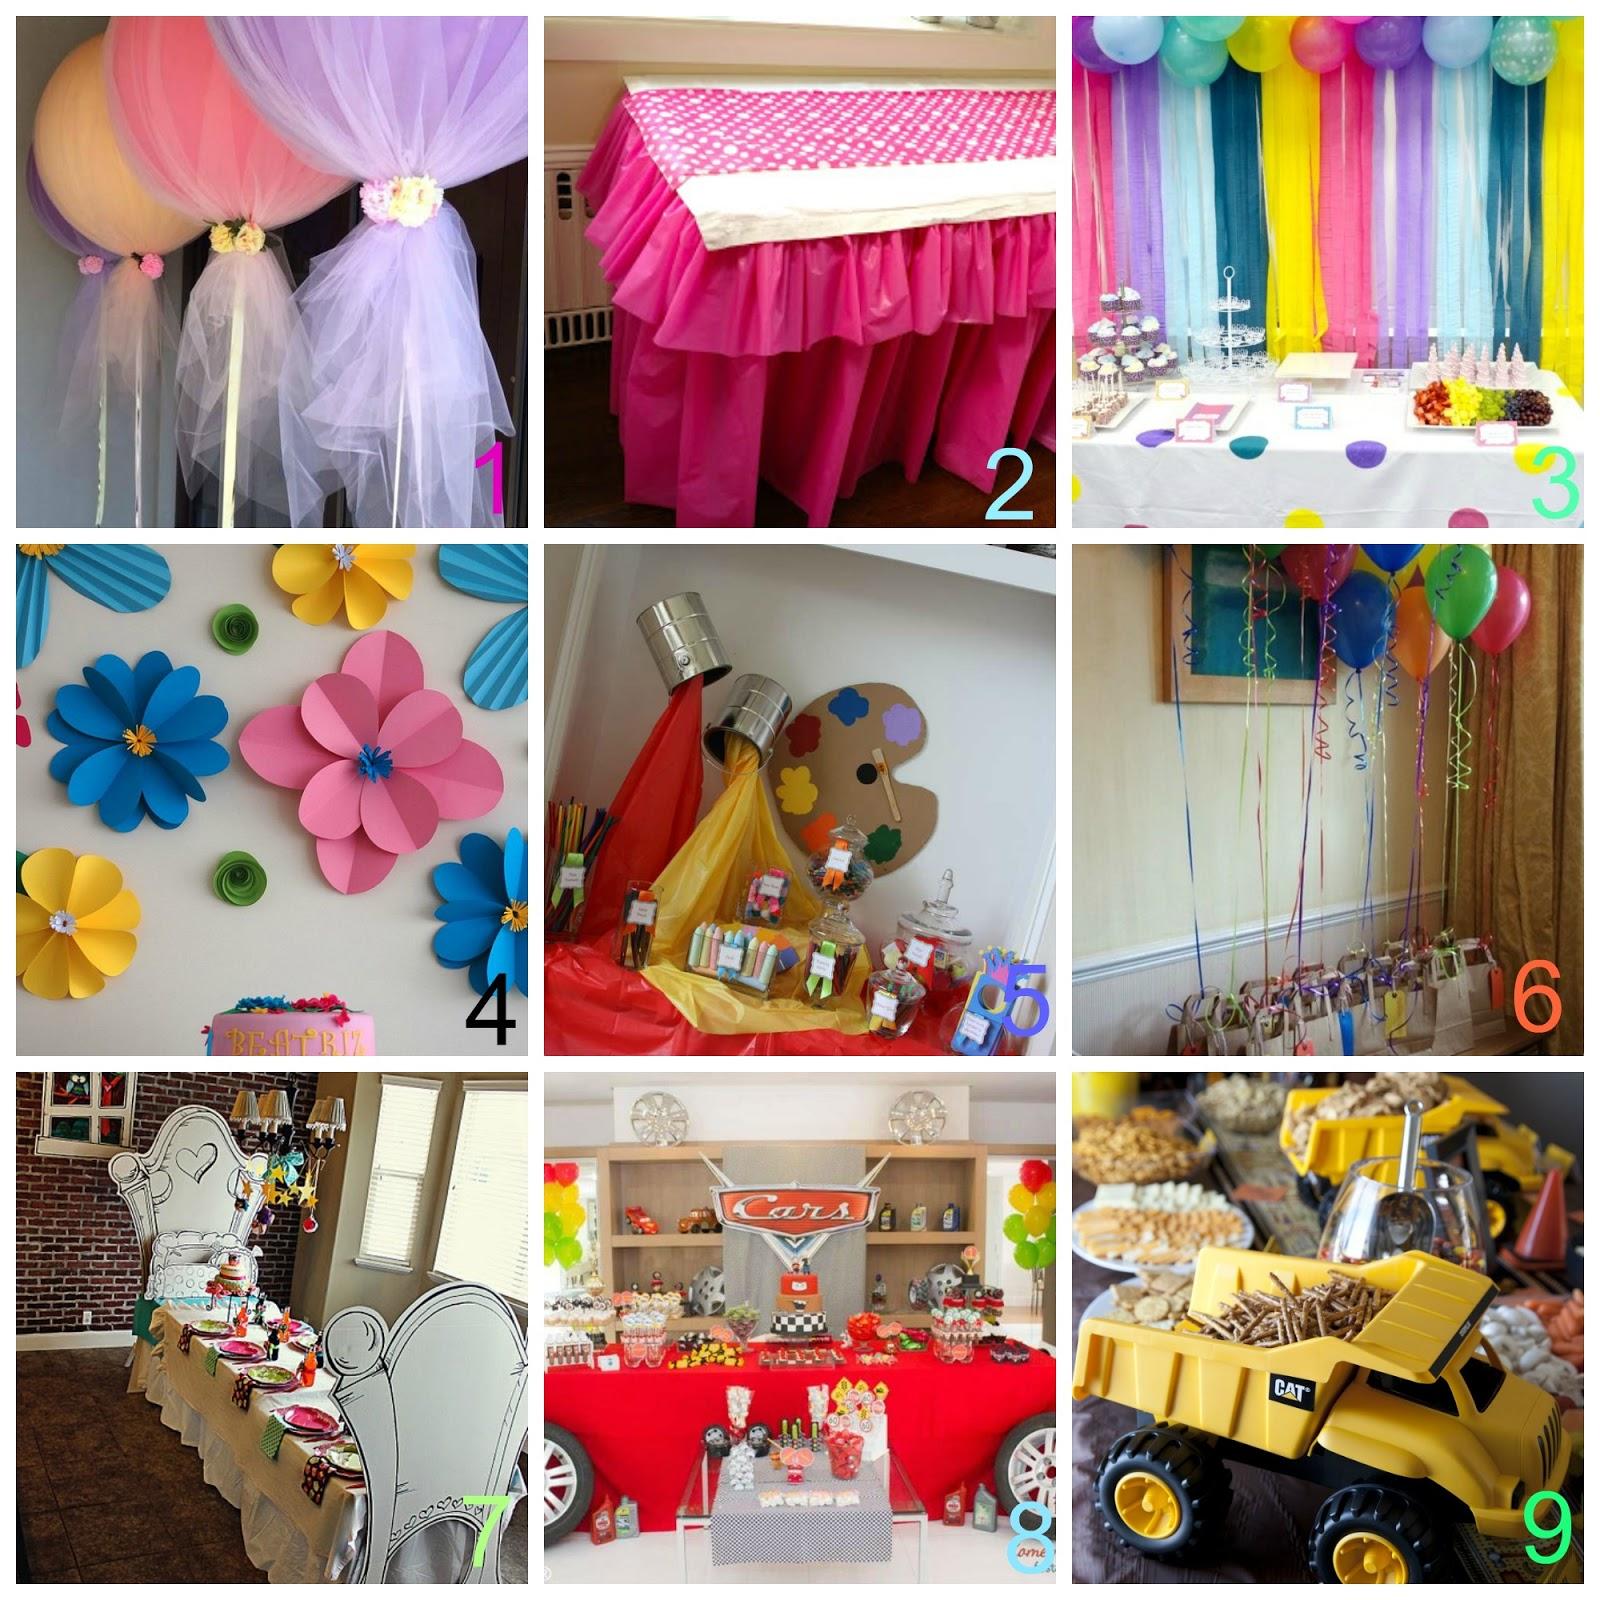 decorazioni compleanno fai da te bambini